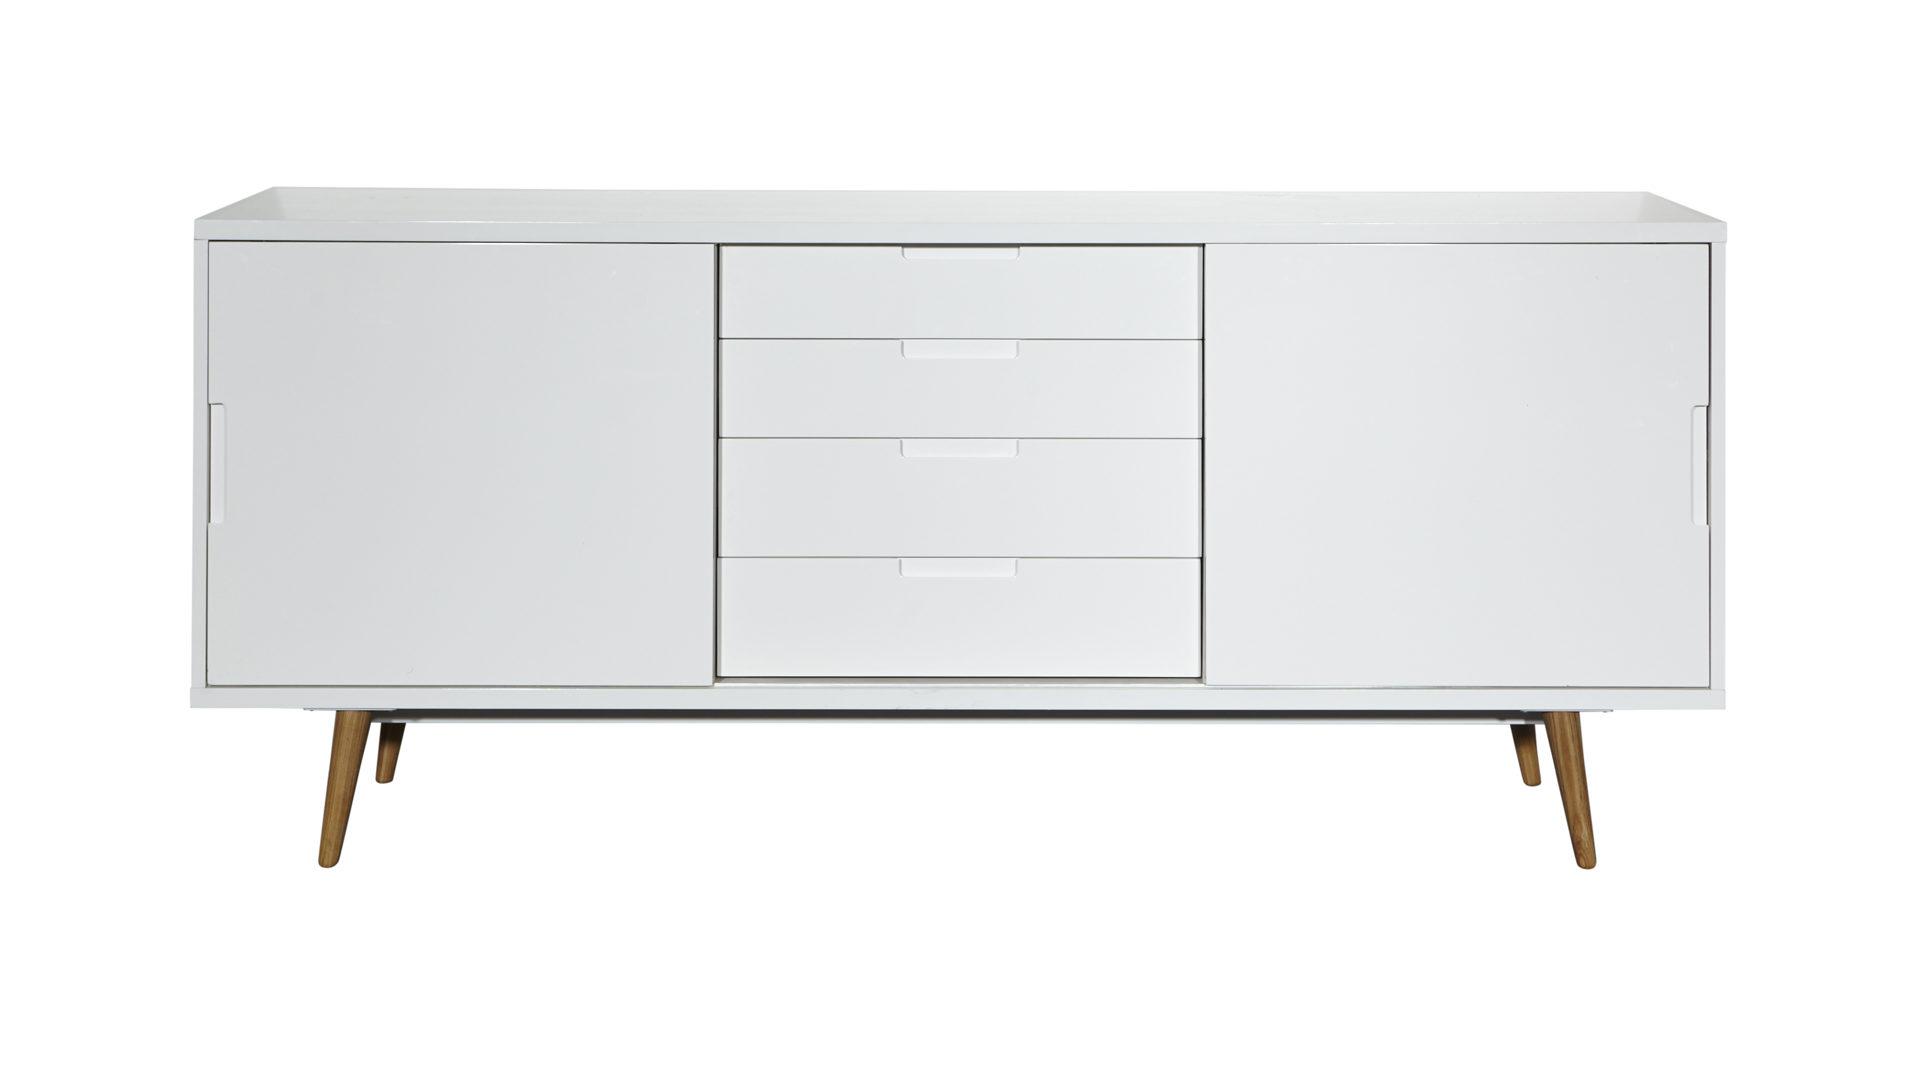 Sideboard Im Retro Stil Als Wohnzimmermobel Weisse